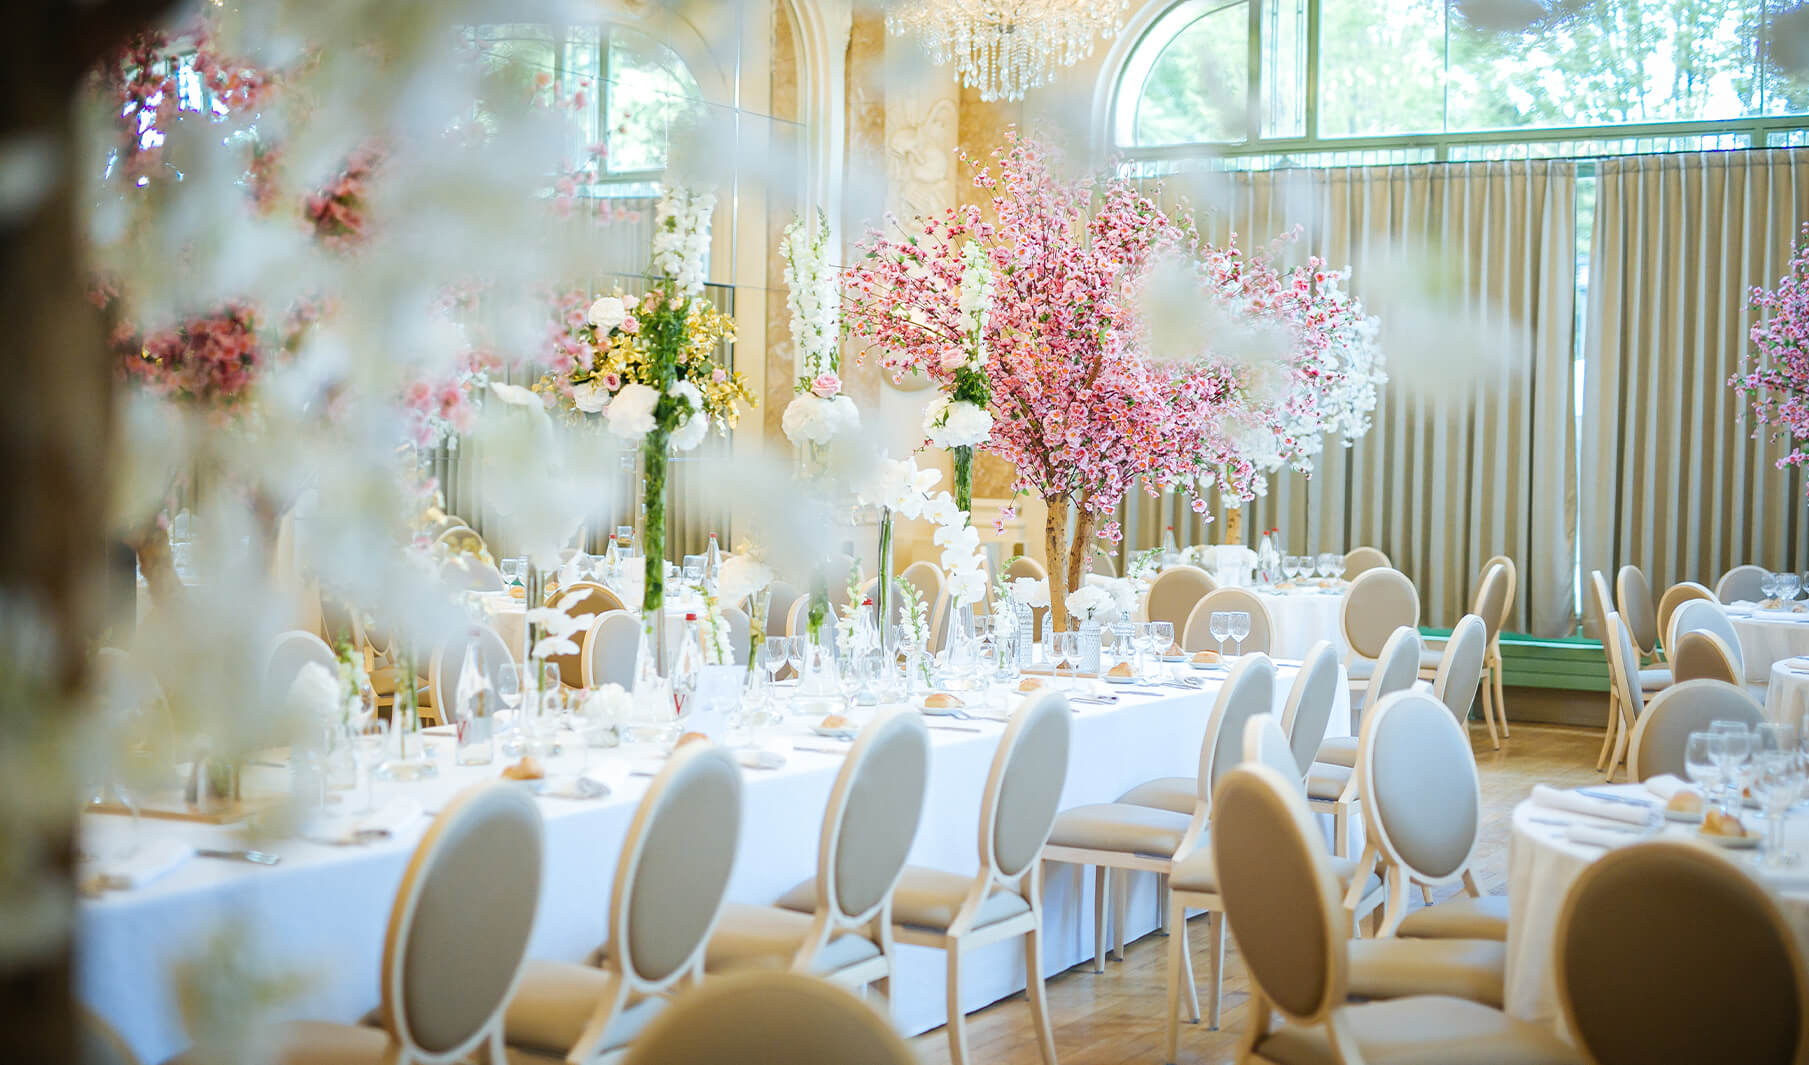 mariage-cherry-blossom-fleur-de-cerisier